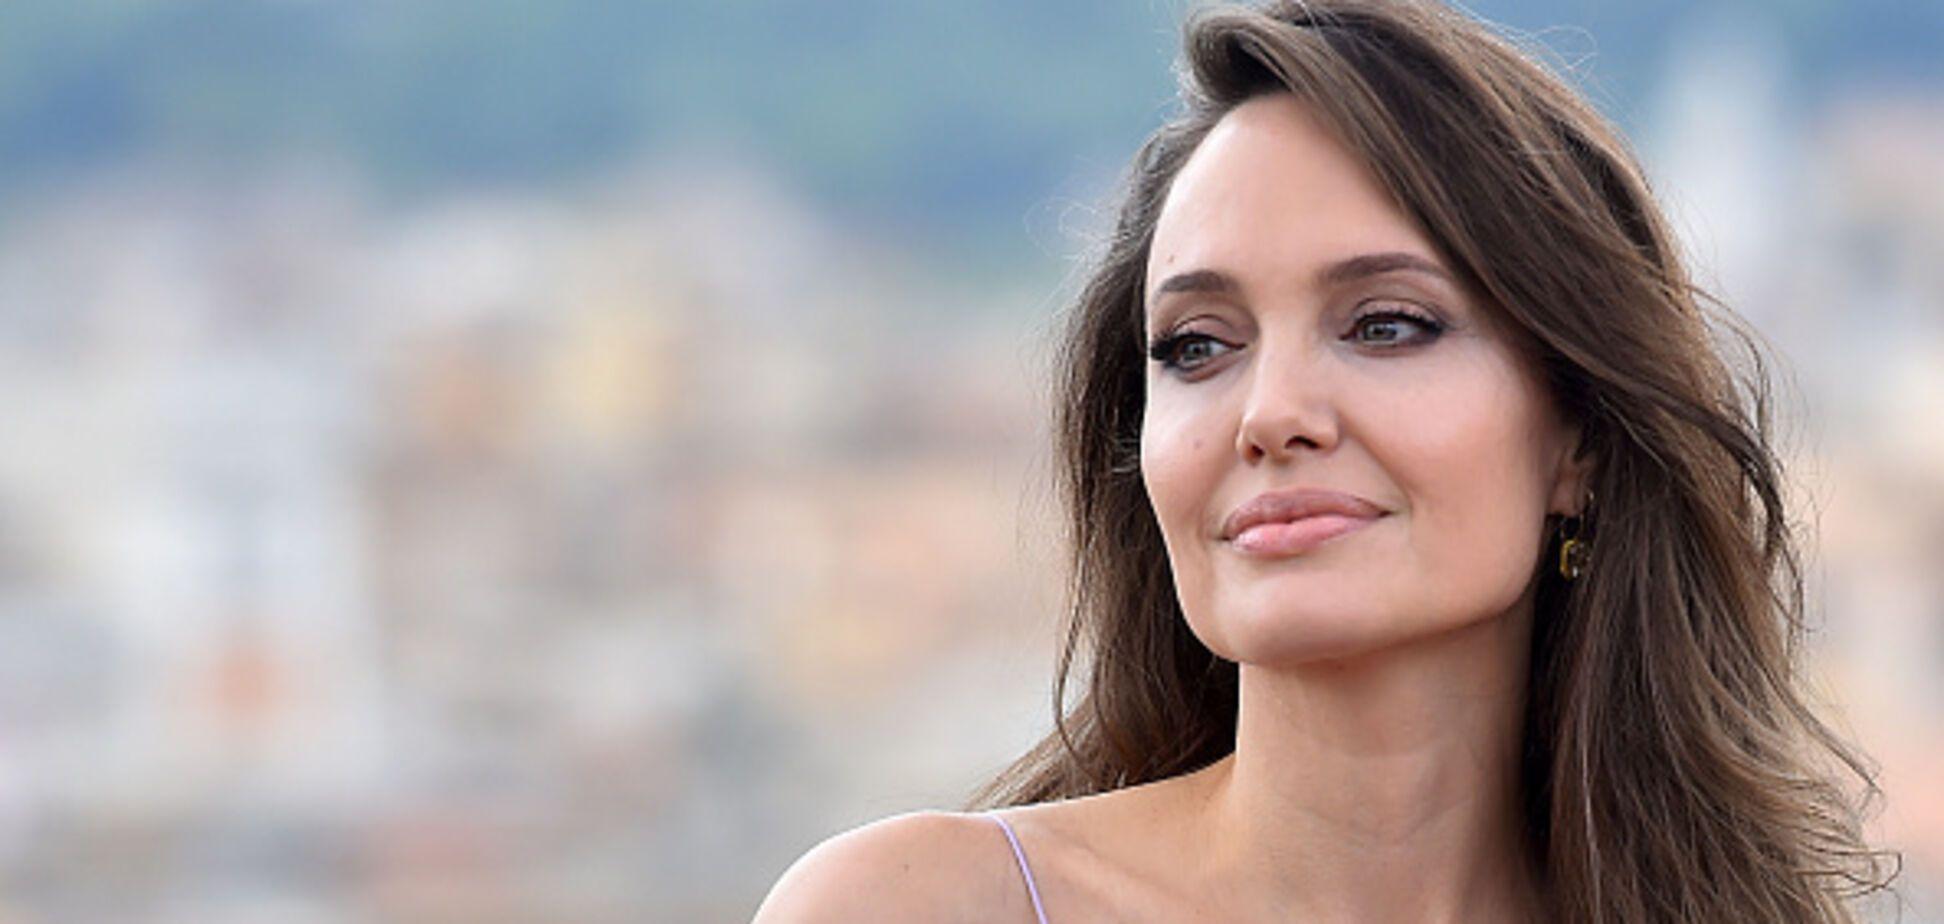 Босоніж по дахах: чарівна Анджеліна Джолі відпочила у Венеції. Фото